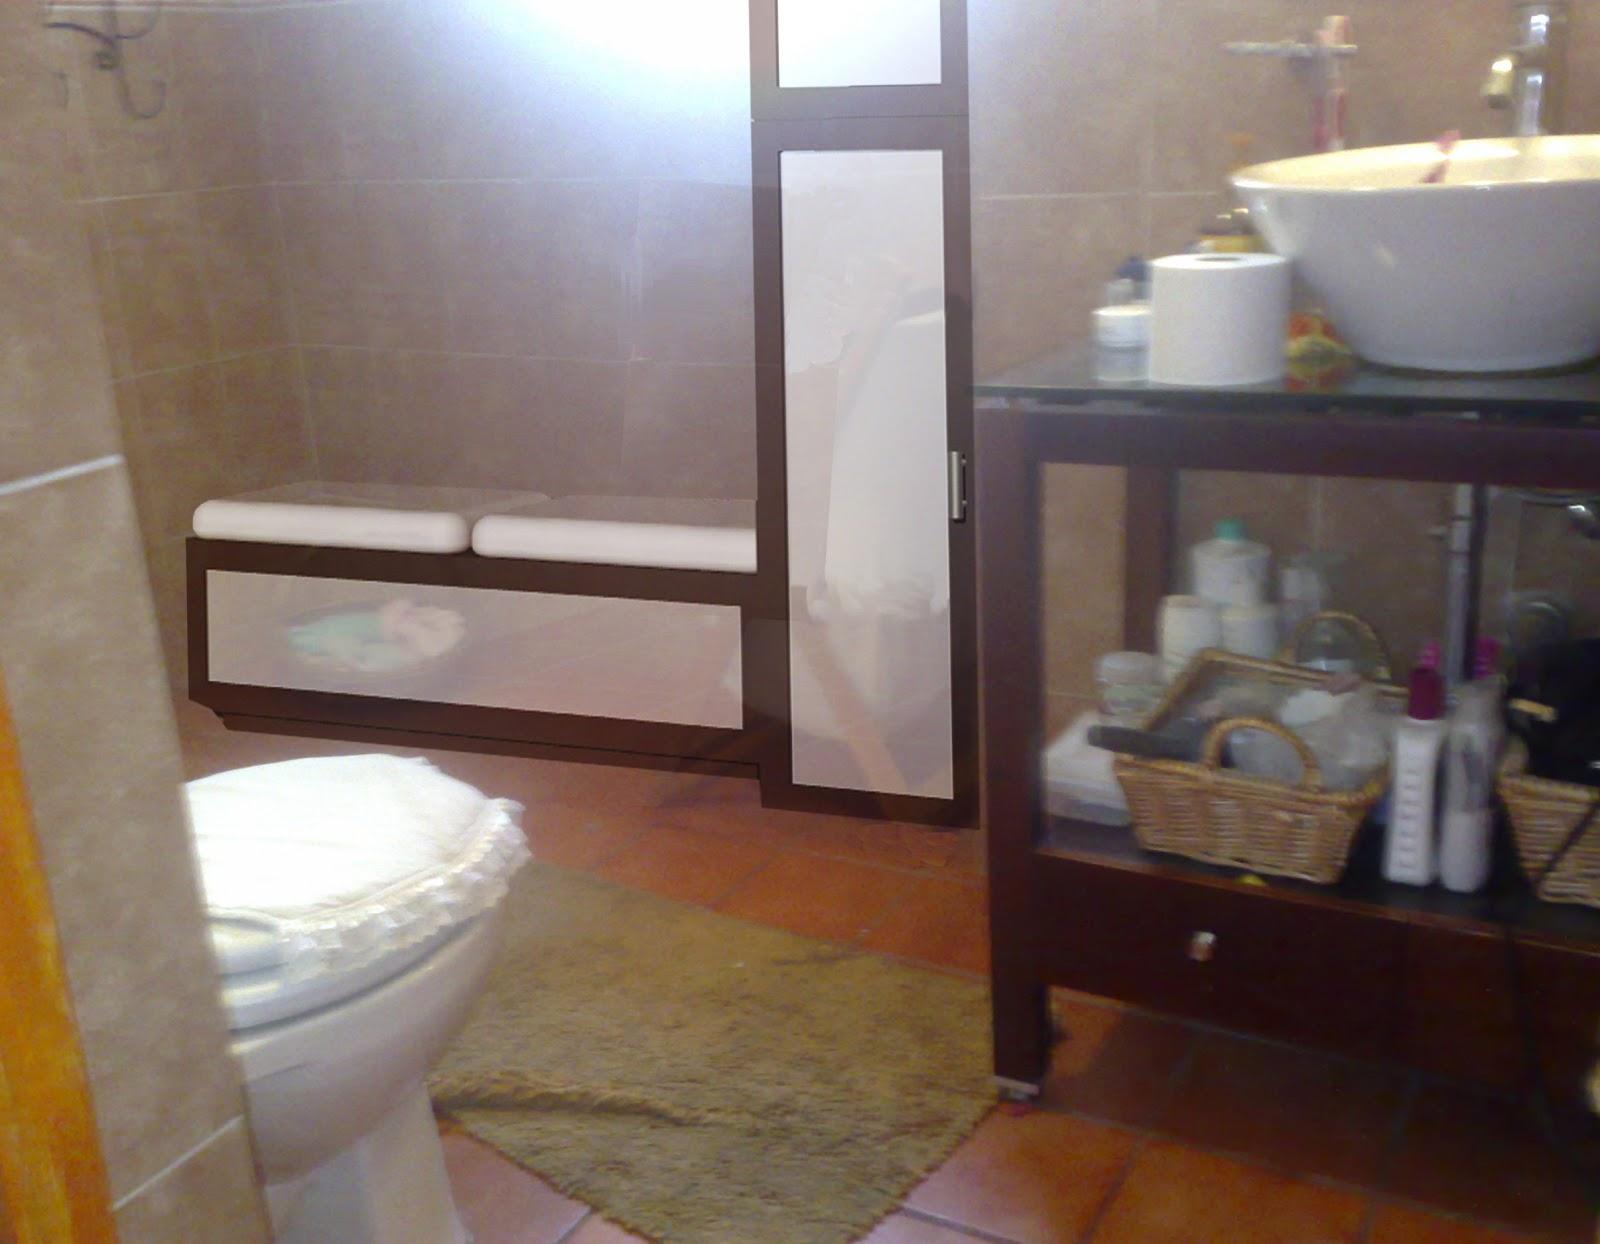 Mobiliario para ba o banca y mueble de almacenamiento for Mobiliario banos diseno